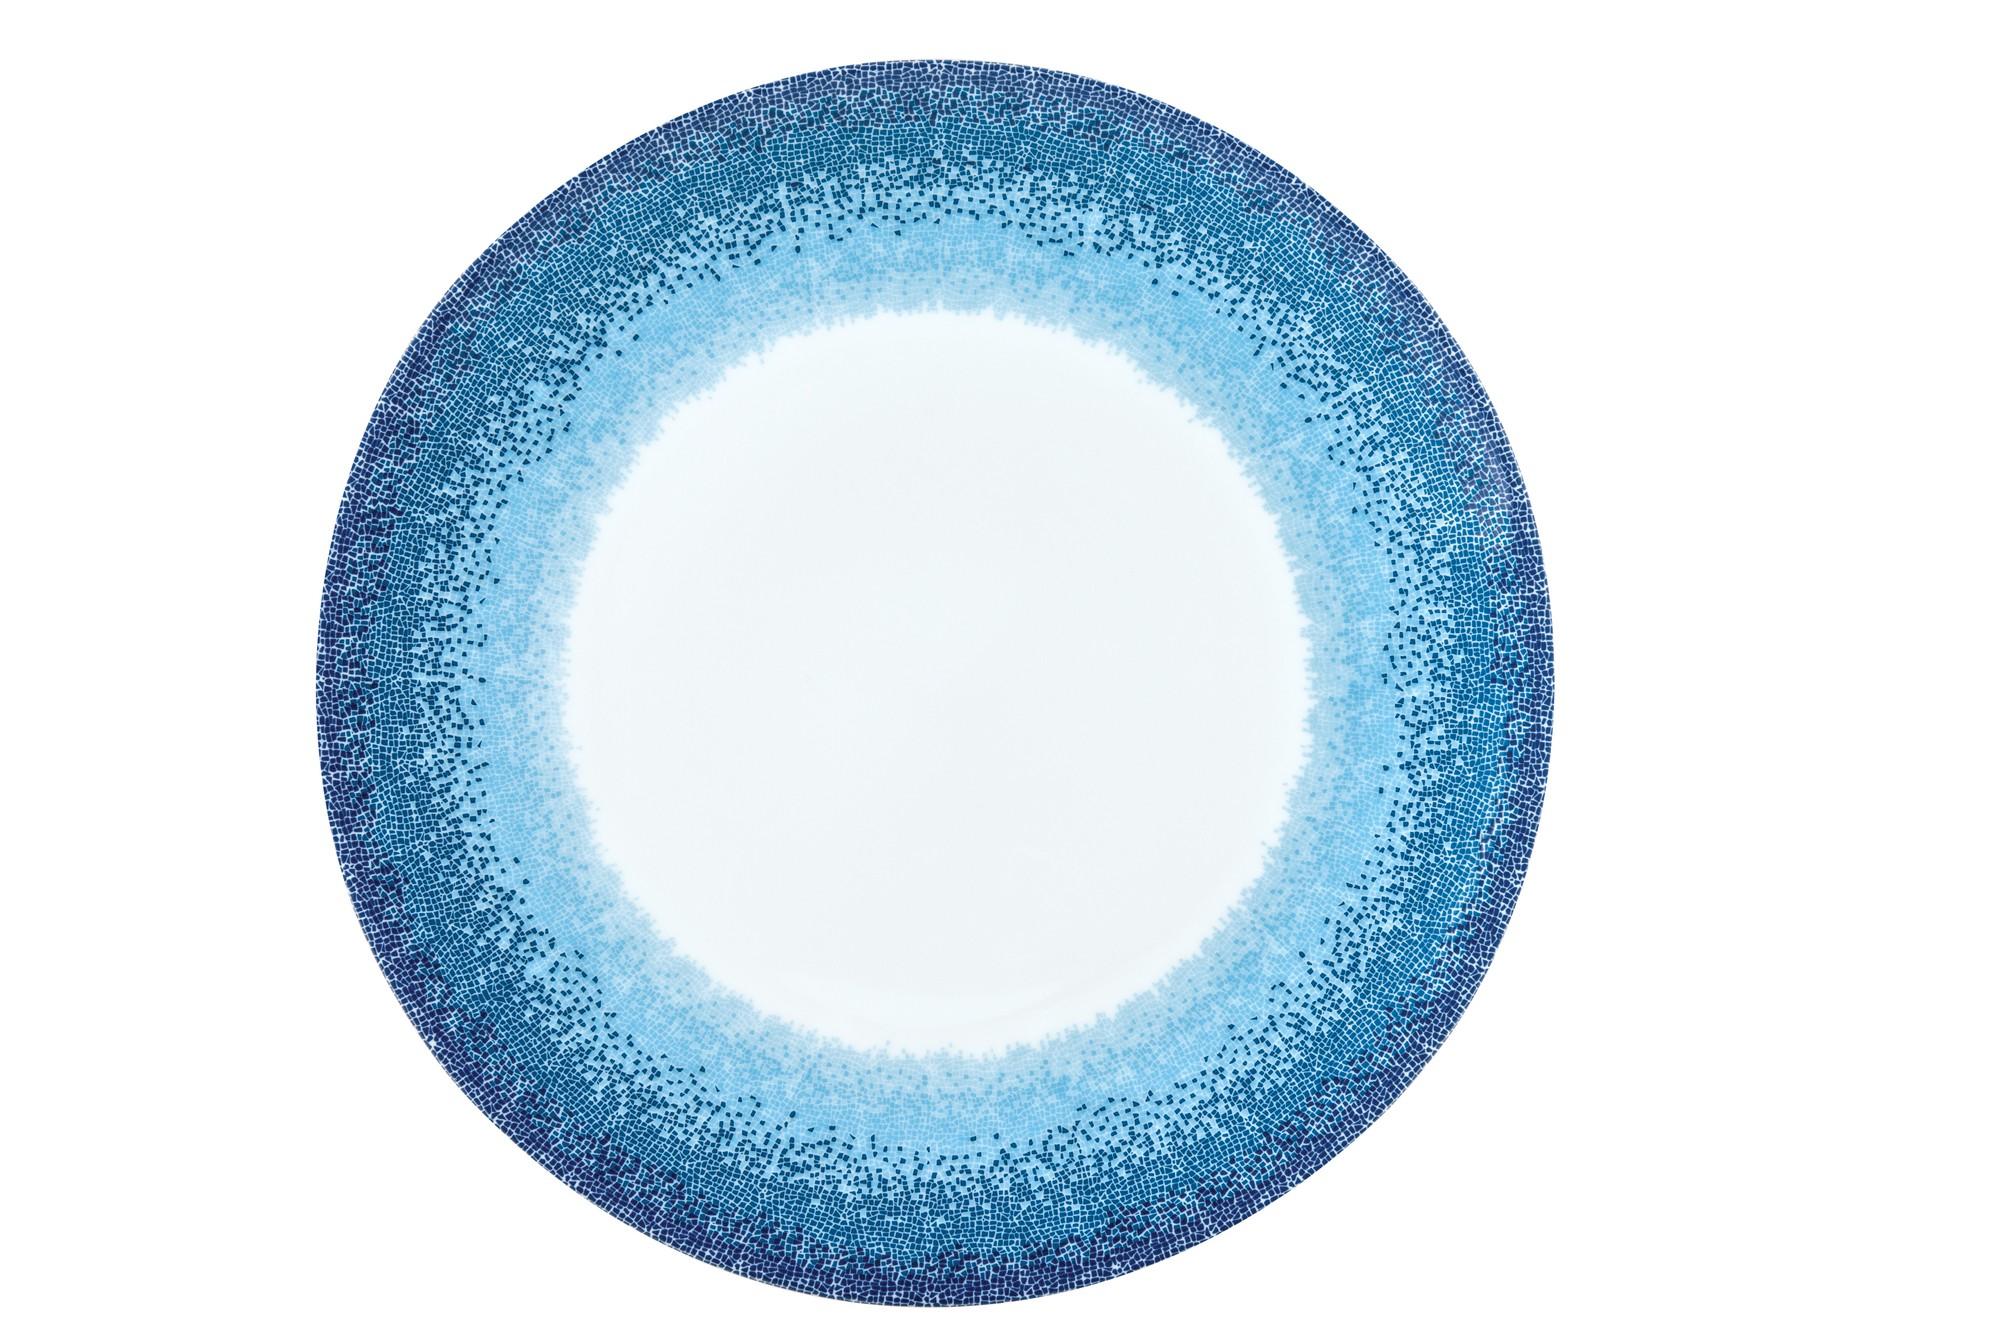 Πιάτο Ρηχό Σετ 6Τμχ Apeiron Blue 27cm Ionia home   ειδη σερβιρισματος   πιάτα